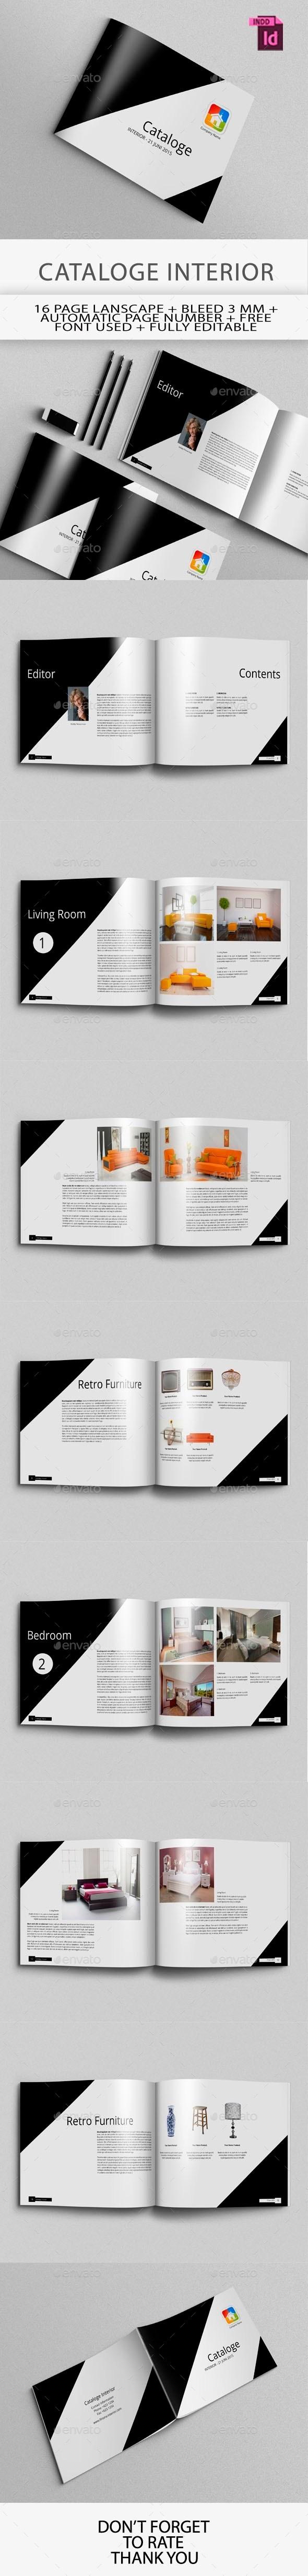 GraphicRiver Cataloge Interior 10529286